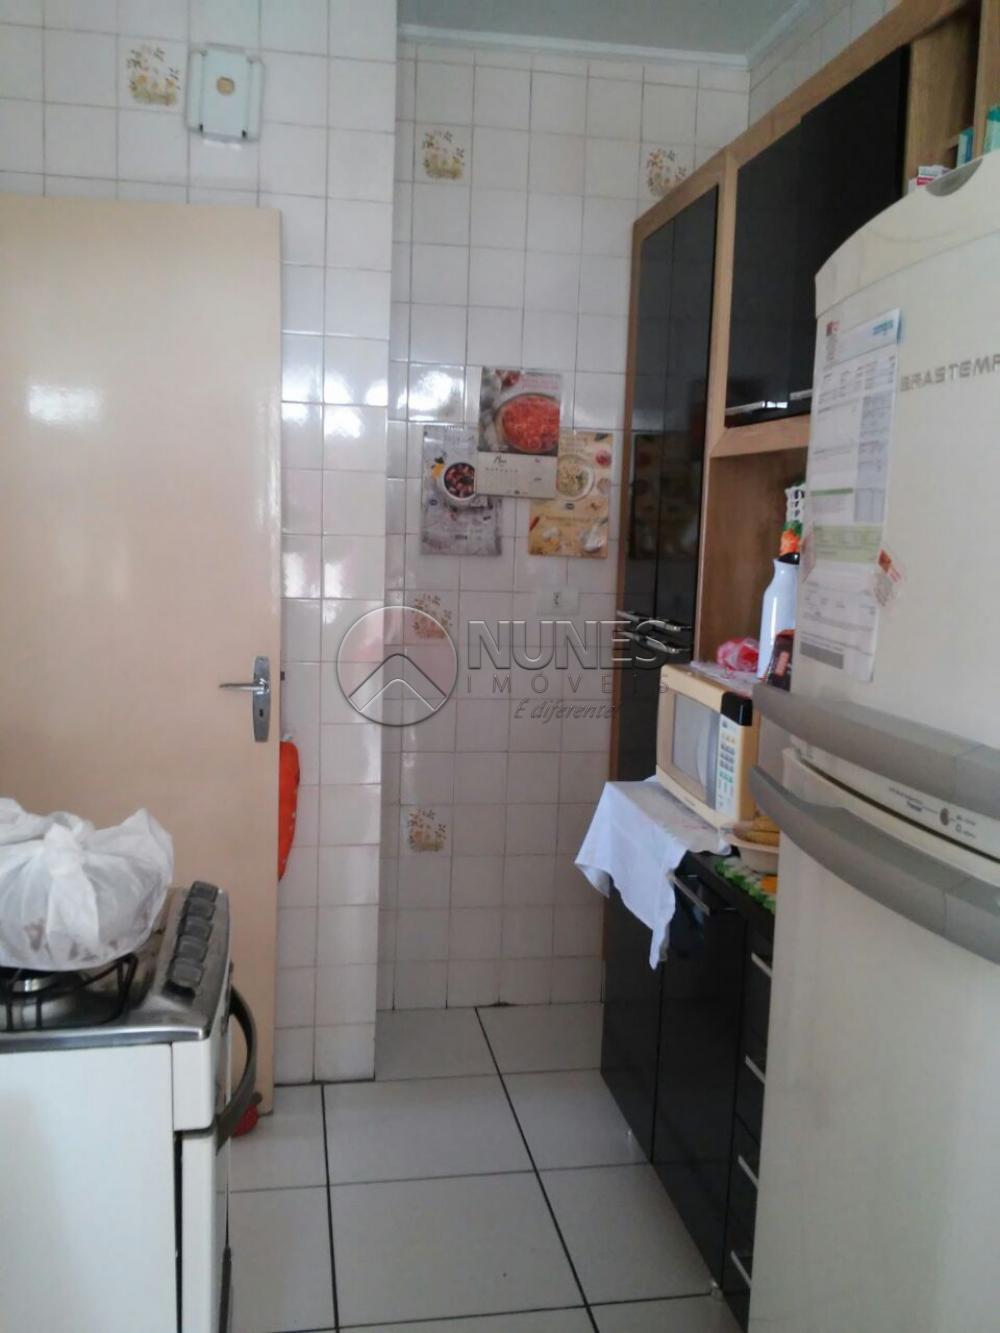 Comprar Apartamento / Padrão em Osasco apenas R$ 371.000,00 - Foto 3